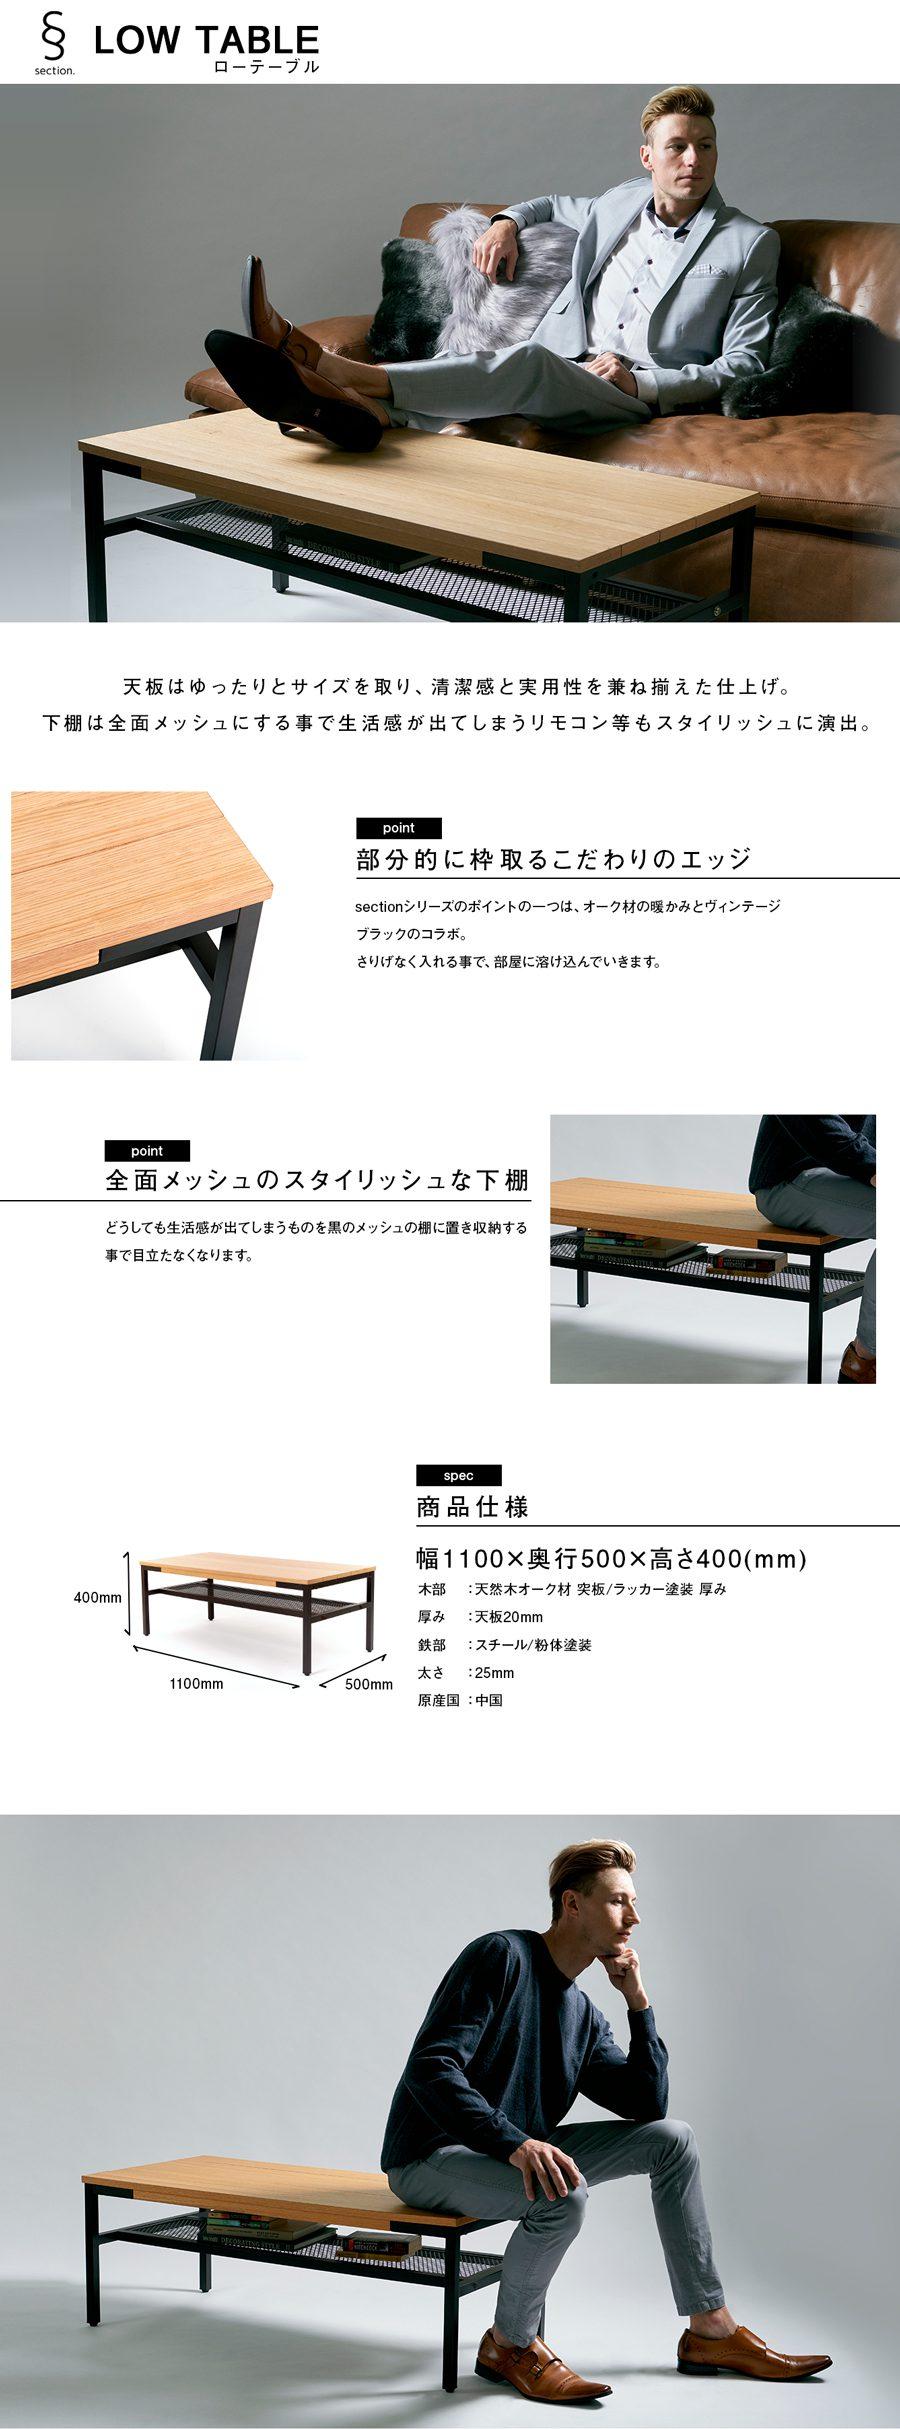 ローテーブルの説明文